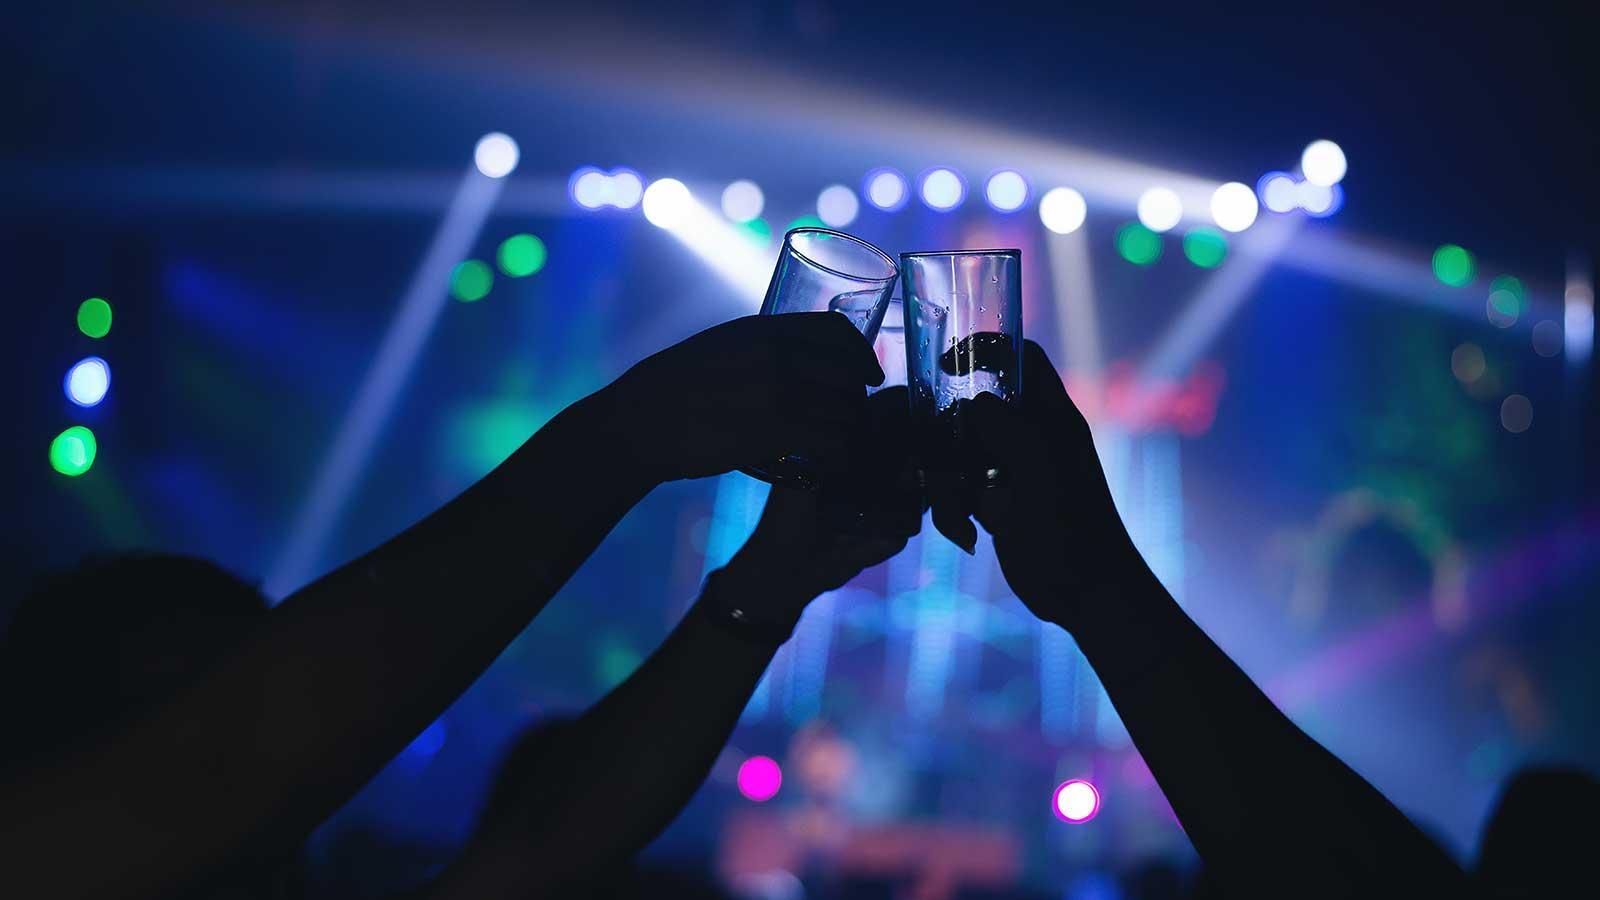 foto di persone che brindano in discoteca simboleggiante la movida notturna di messina